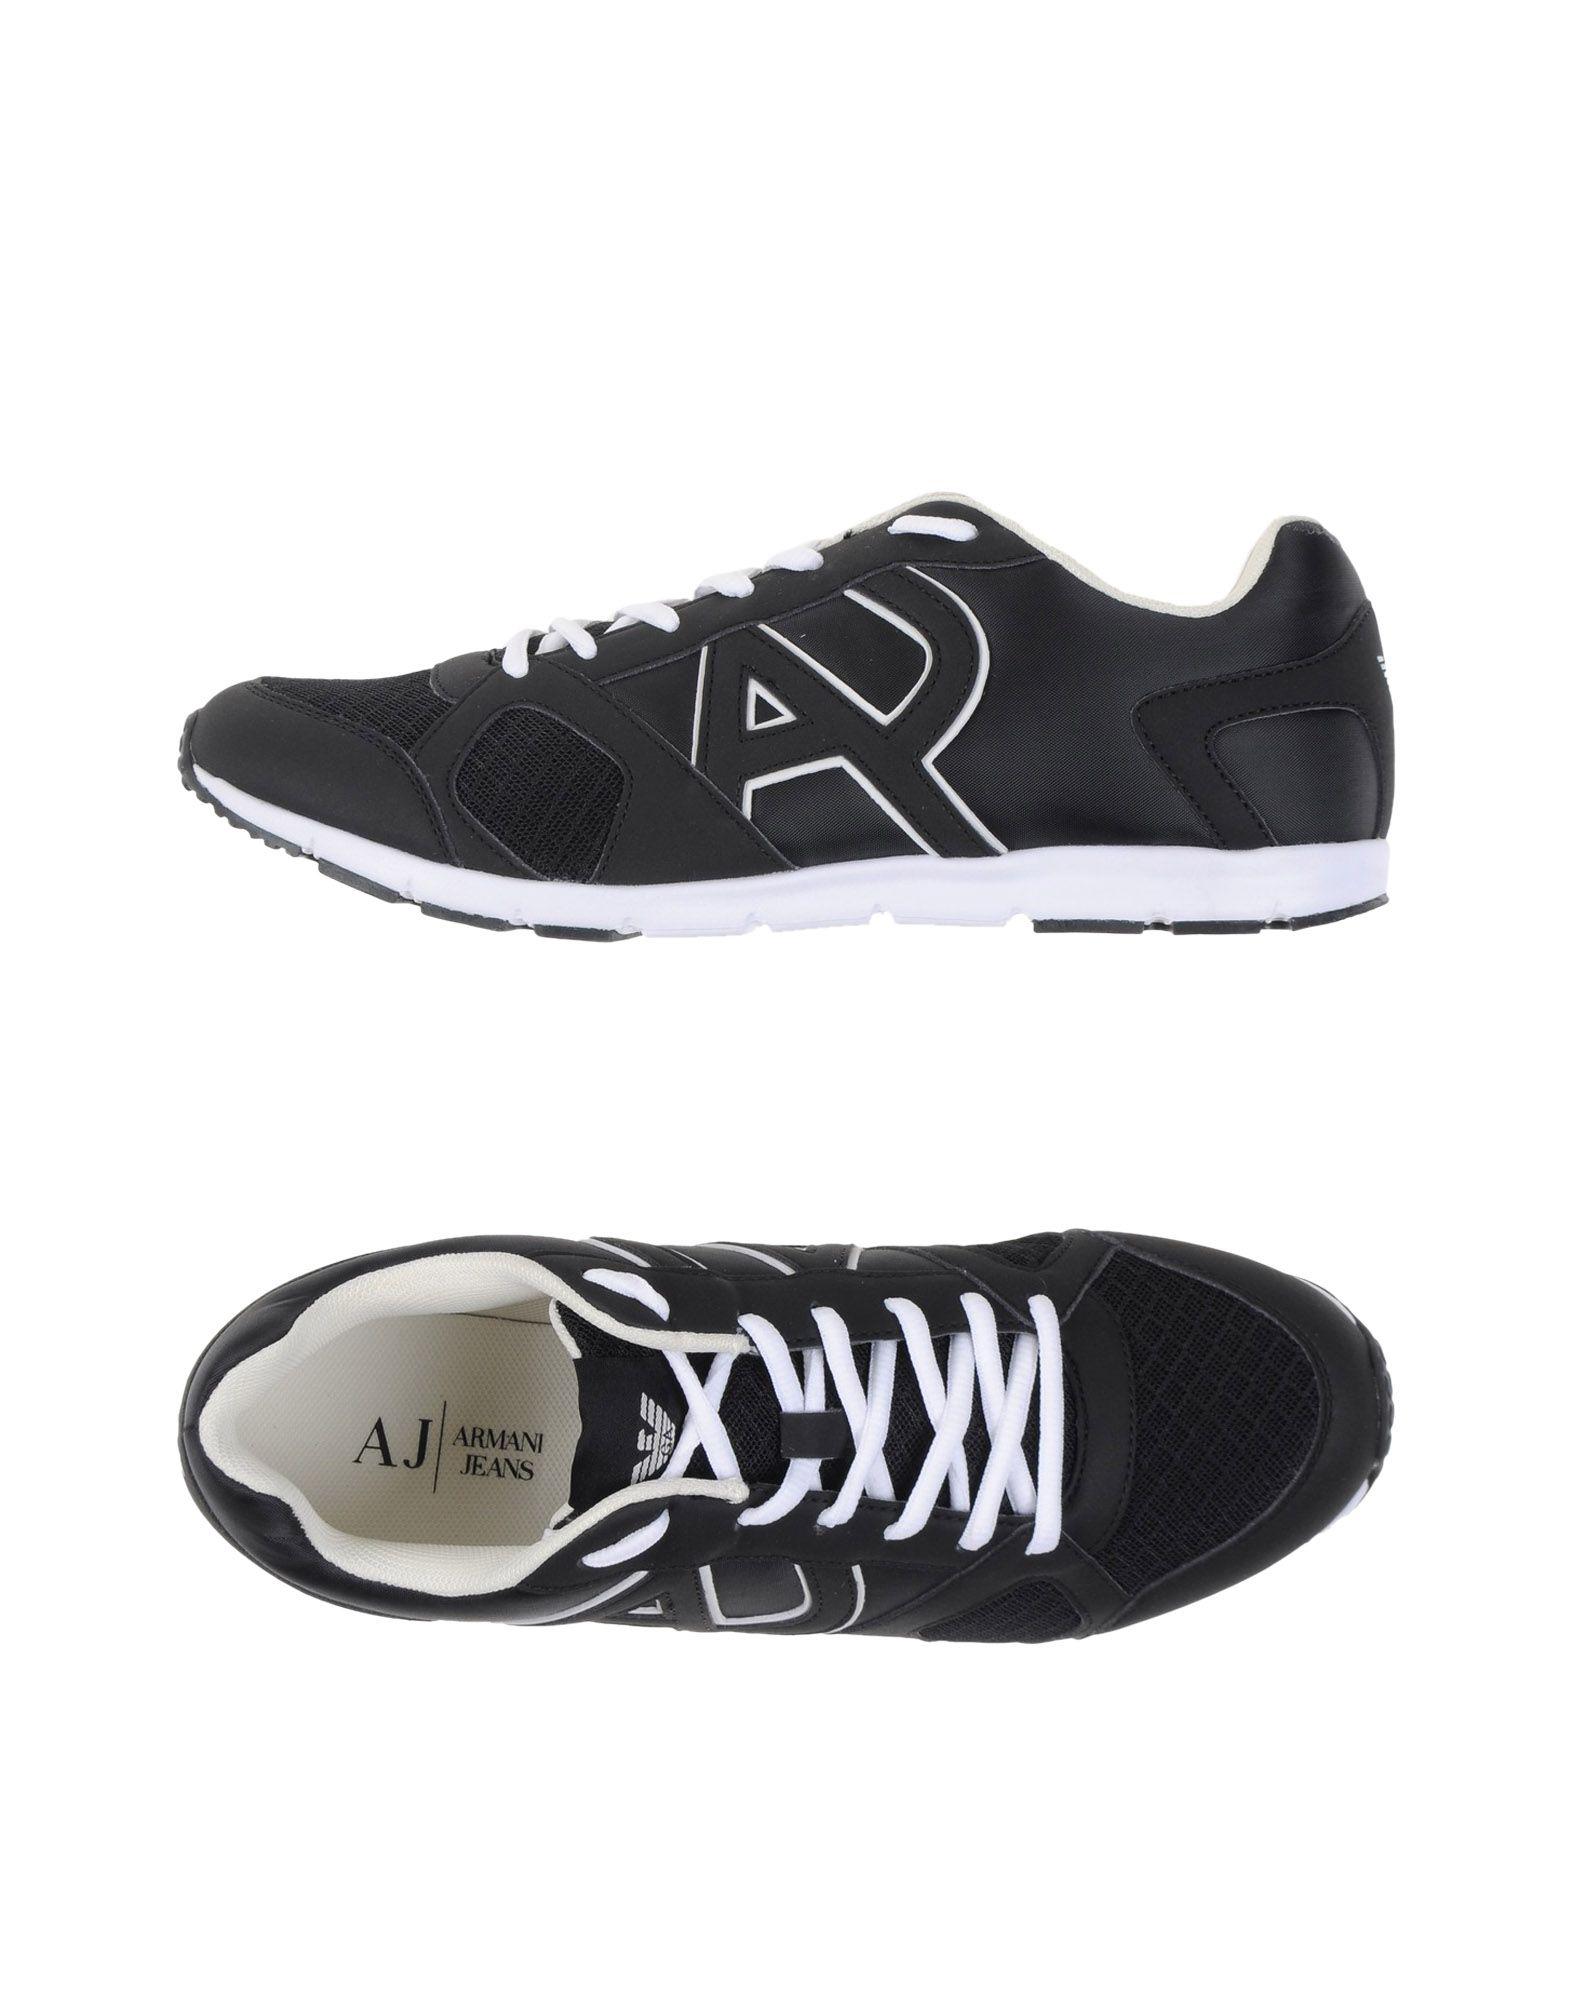 aa7d2c8430b3 Promotion de groupe chaussure armani jeans noir.Dédié à économiser de  l argent - www.stronycms.eu